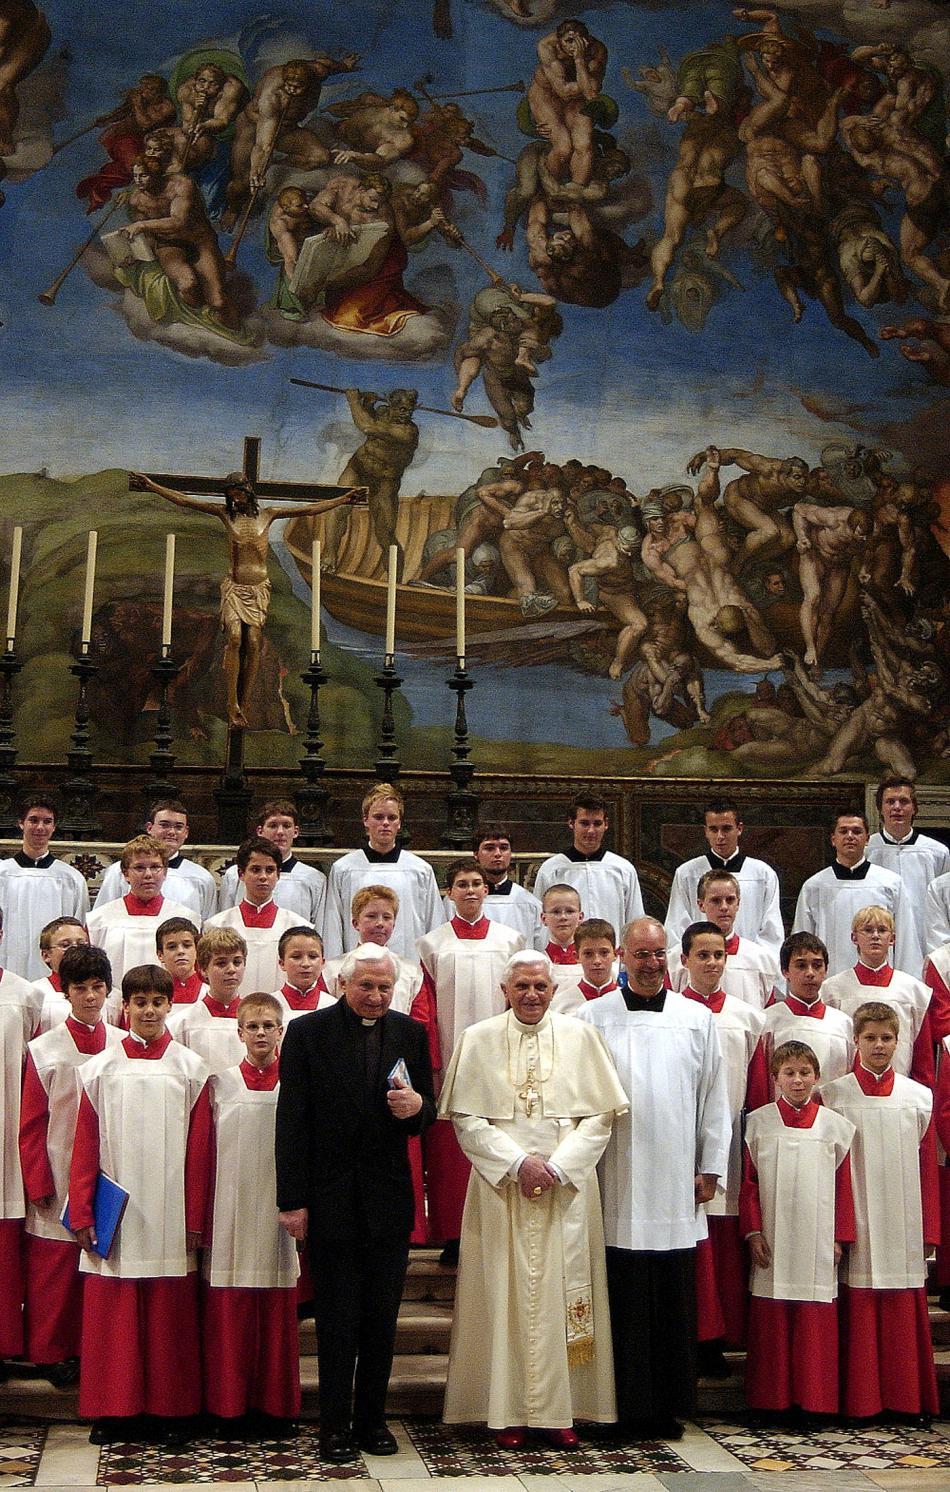 Chrámoví vrabci s Georgem Ratzingerem při návštěvě papeže Benedikta XVI.